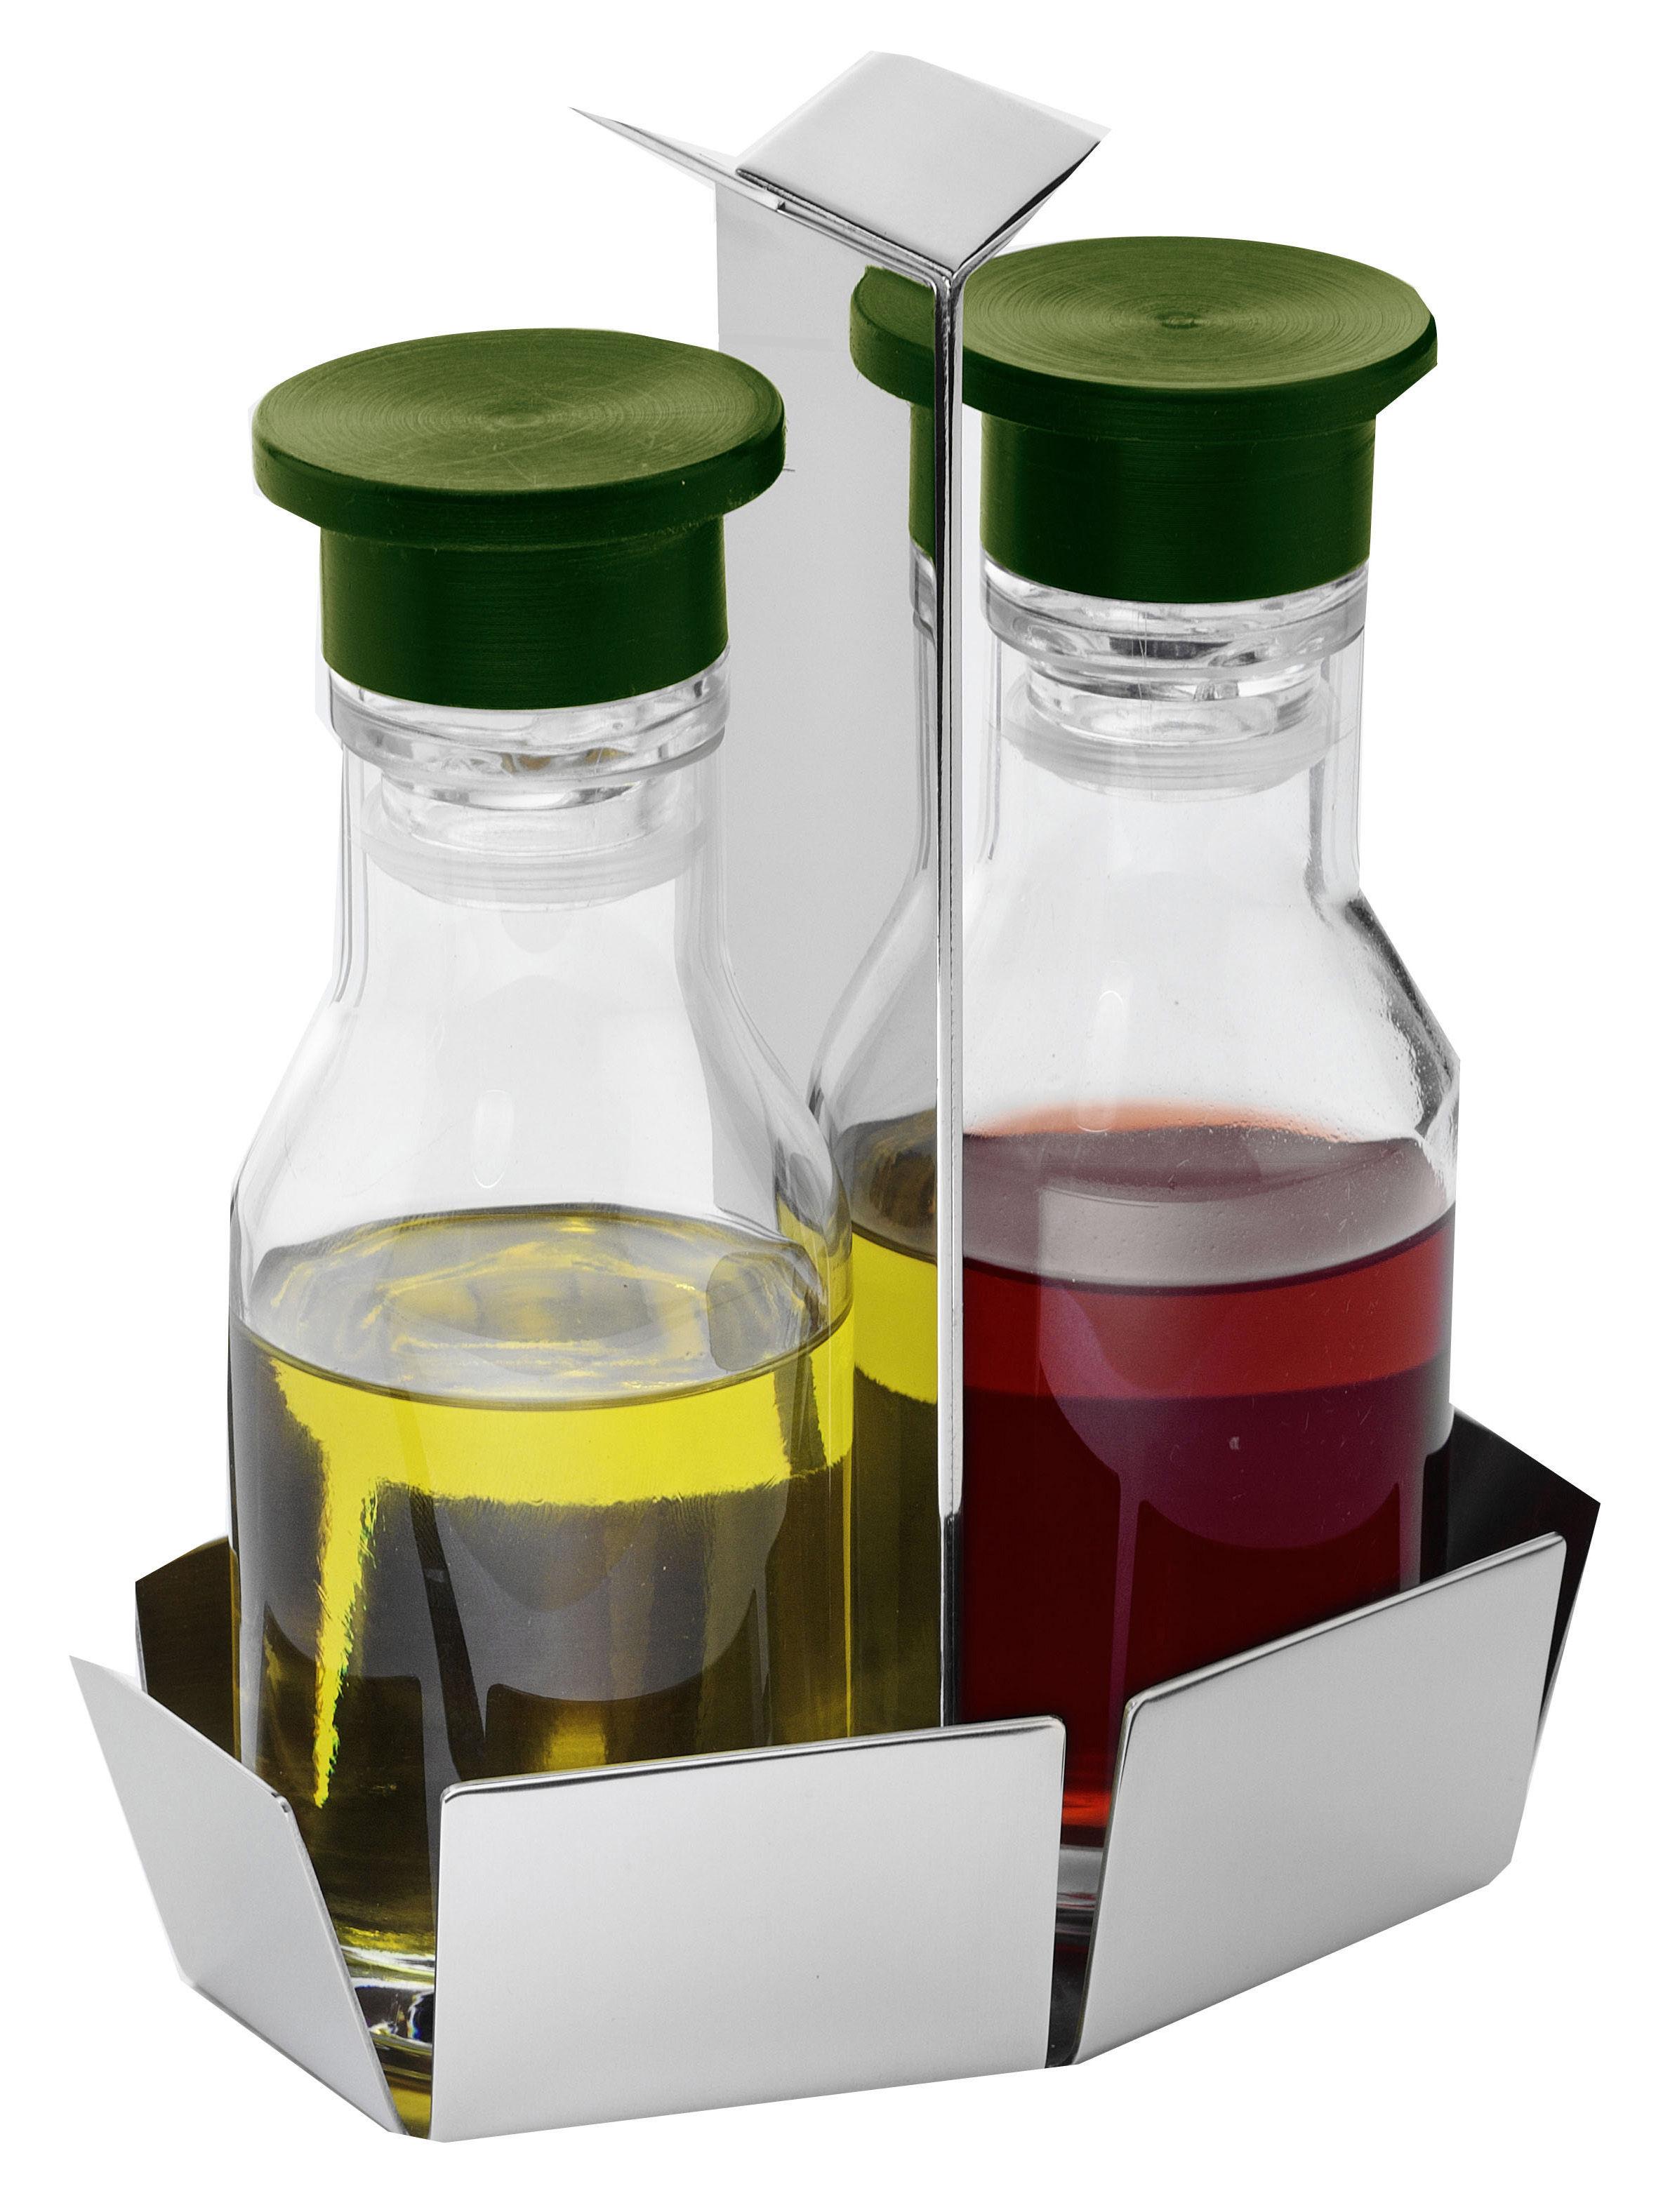 Tableware - Vinegar & Oil Bottles - Aiutante Oil and vinegar set - Oil & vinegar set by Serafino Zani - Polished steel - Polished stainless steel